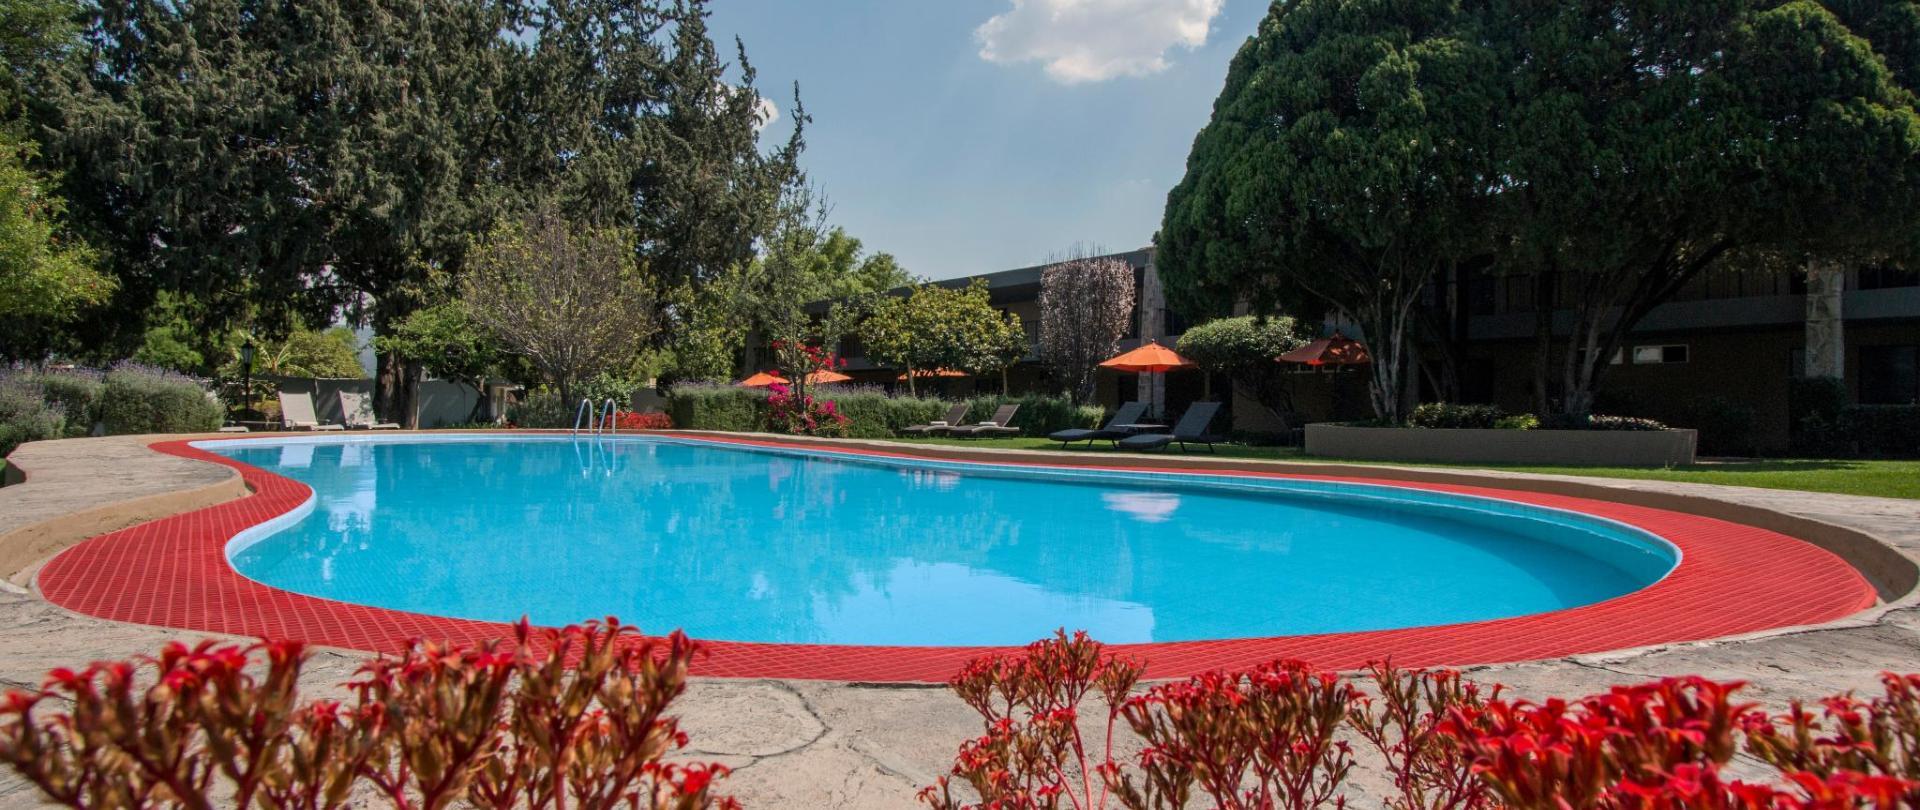 Hotel Rio Tequisquiapan Alberca y Juegos (1) - copia.jpg